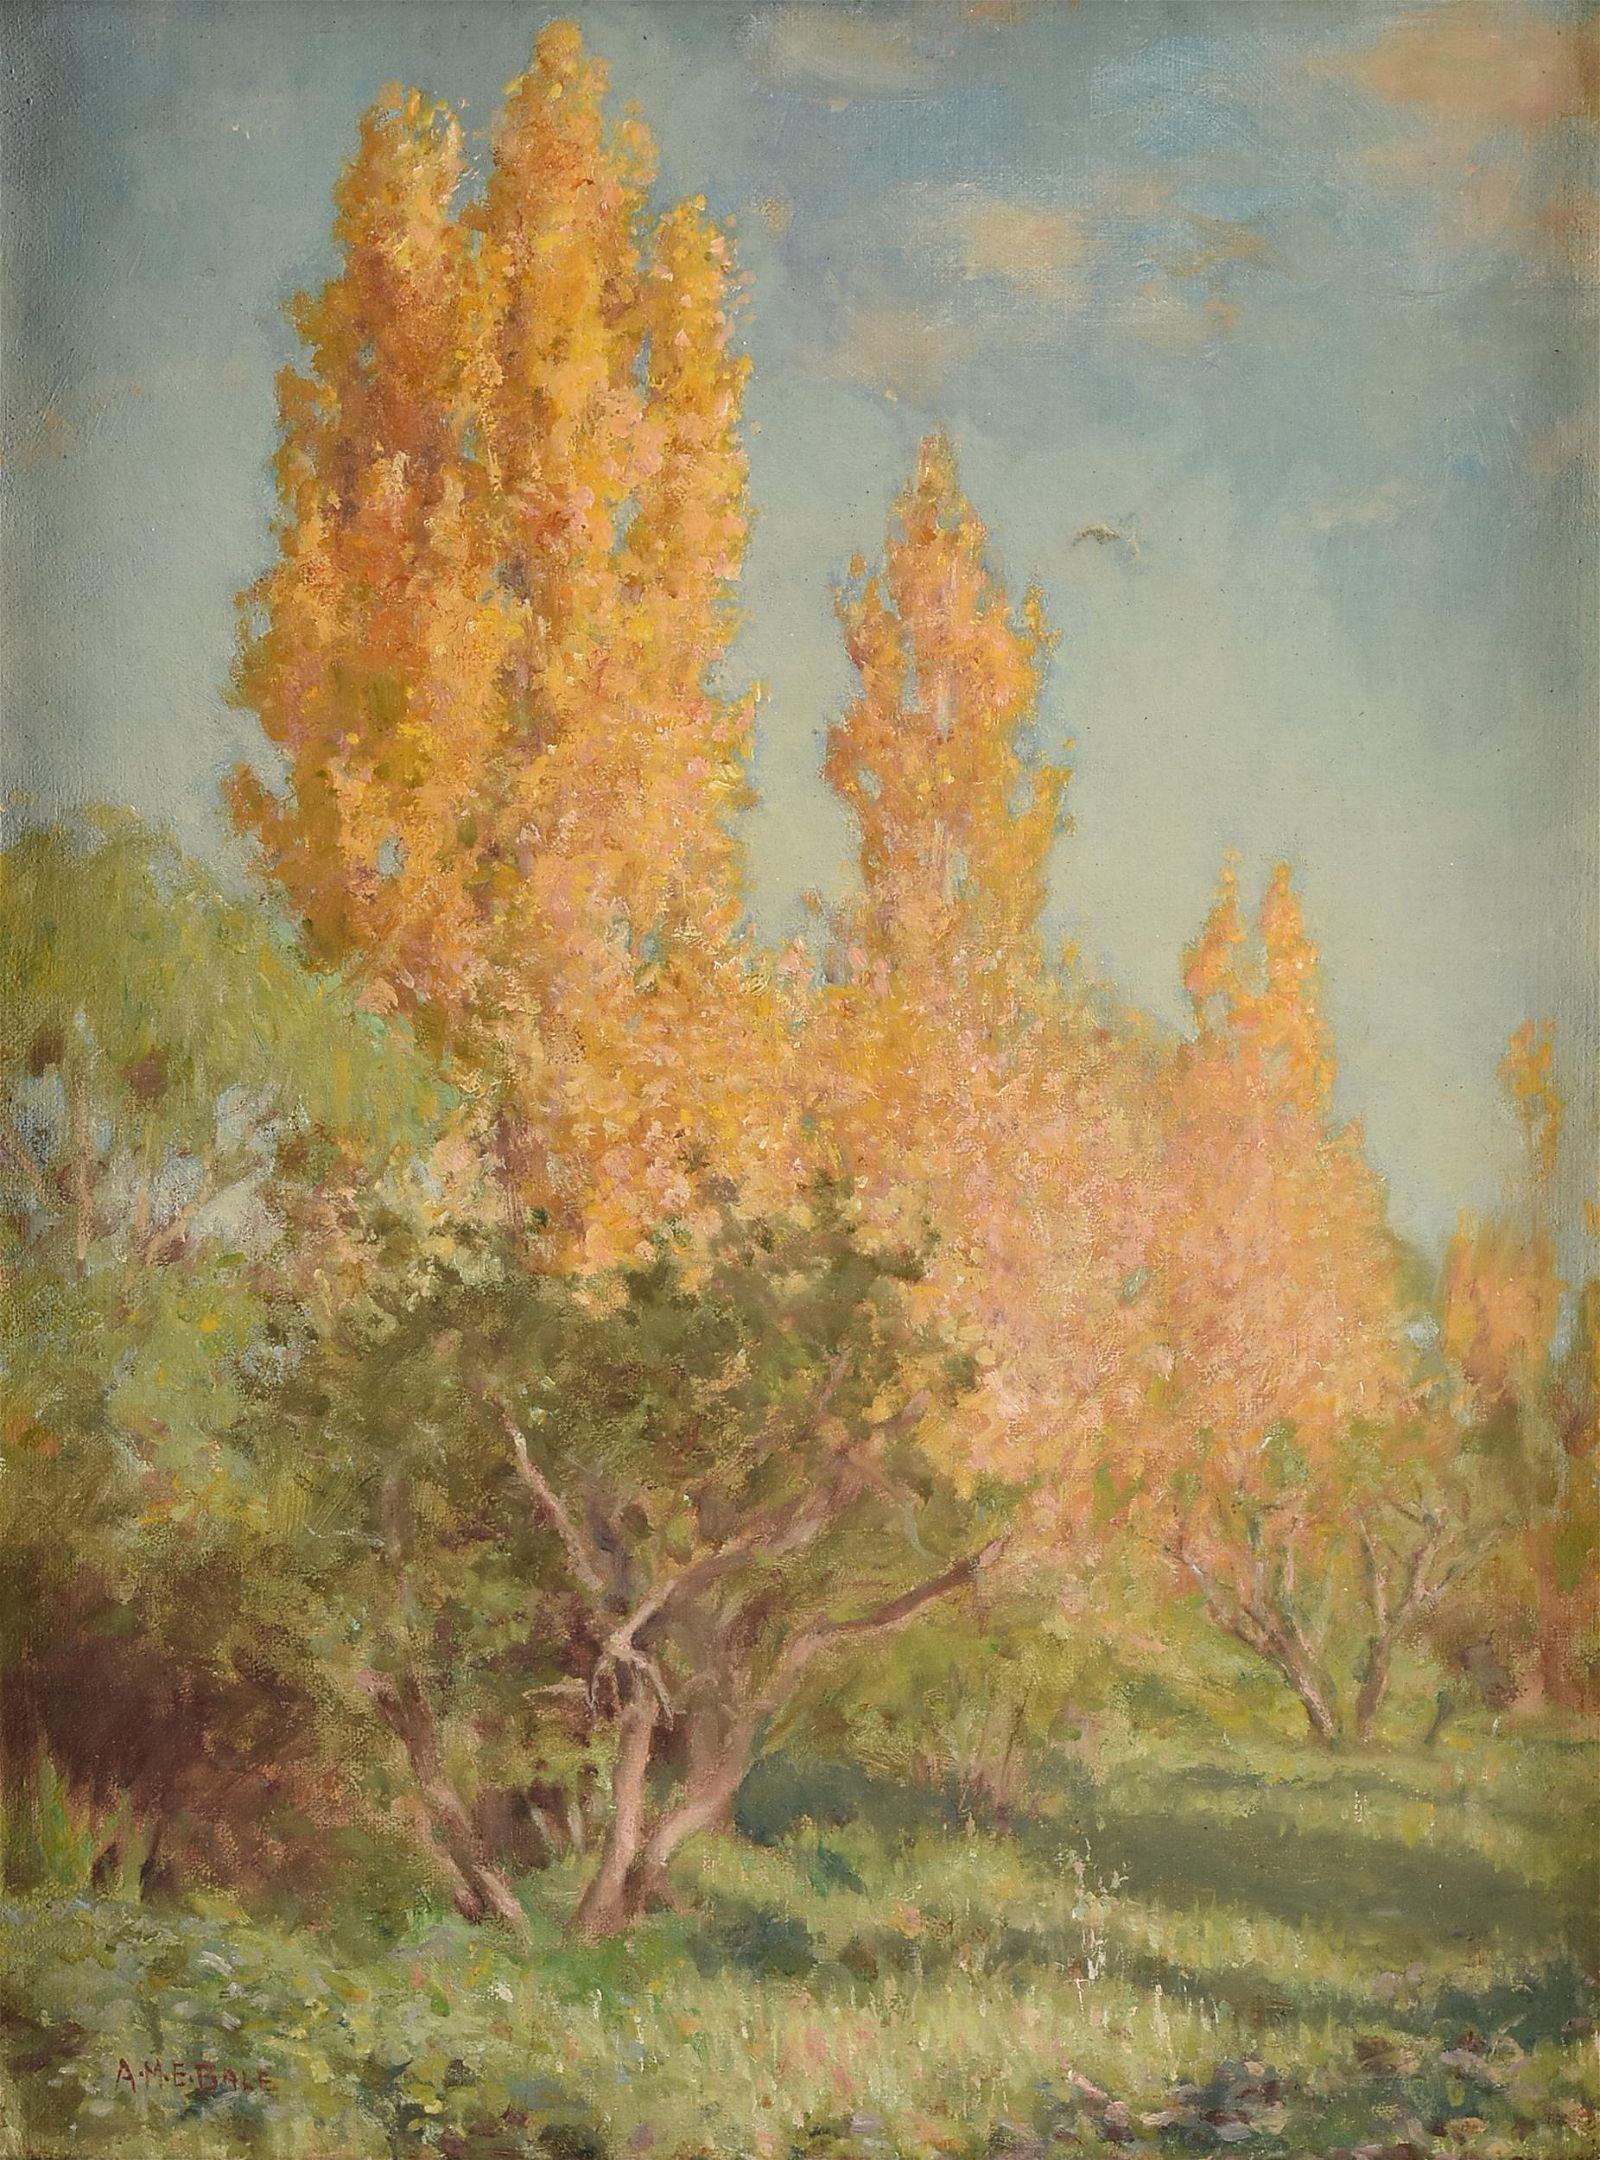 ALICE MARIAN ELLEN BALE (Australia 1875-1955) A